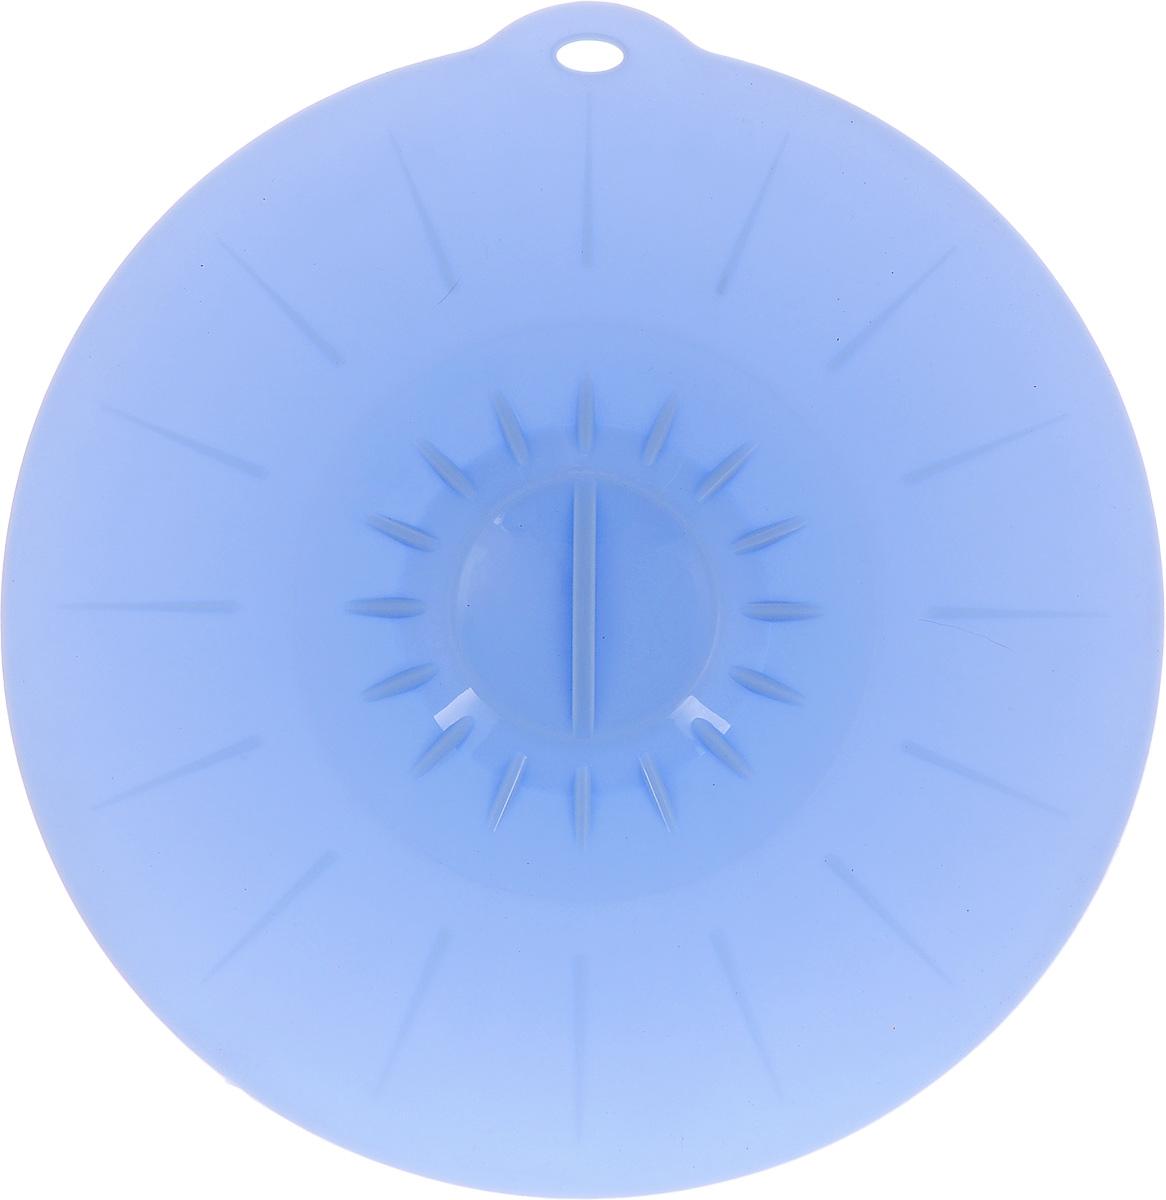 Крышка вакуумная Идея, силиконовая, цвет: голубой. Диаметр 26 см391602Вакуумная крышка Идея, выполненная из пищевого силикона, предназначена для герметичного закрытия любой посуды. Крышка плотно прилегает к краям емкости, ограничивая доступ воздуха внутрь, благодаря этому ваши продукты останутся свежими гораздо дольше. Основные свойства: - выдерживает температуру от -40°С до +240°С, - невозможно разбить, - легко моется, - не деформируется при хранении в свернутом виде, - имеет долгий срок службы, сохраняя свой первоначальный вид, - не выделяет вредных веществ при нагревании или охлаждении, - не впитывает запахи, - не вступает в химическую реакцию с продуктами, - безопасна при использовании в микроволновой печи, в духовке и морозильной камере.Такая крышка станет незаменимым помощником на вашей кухне.